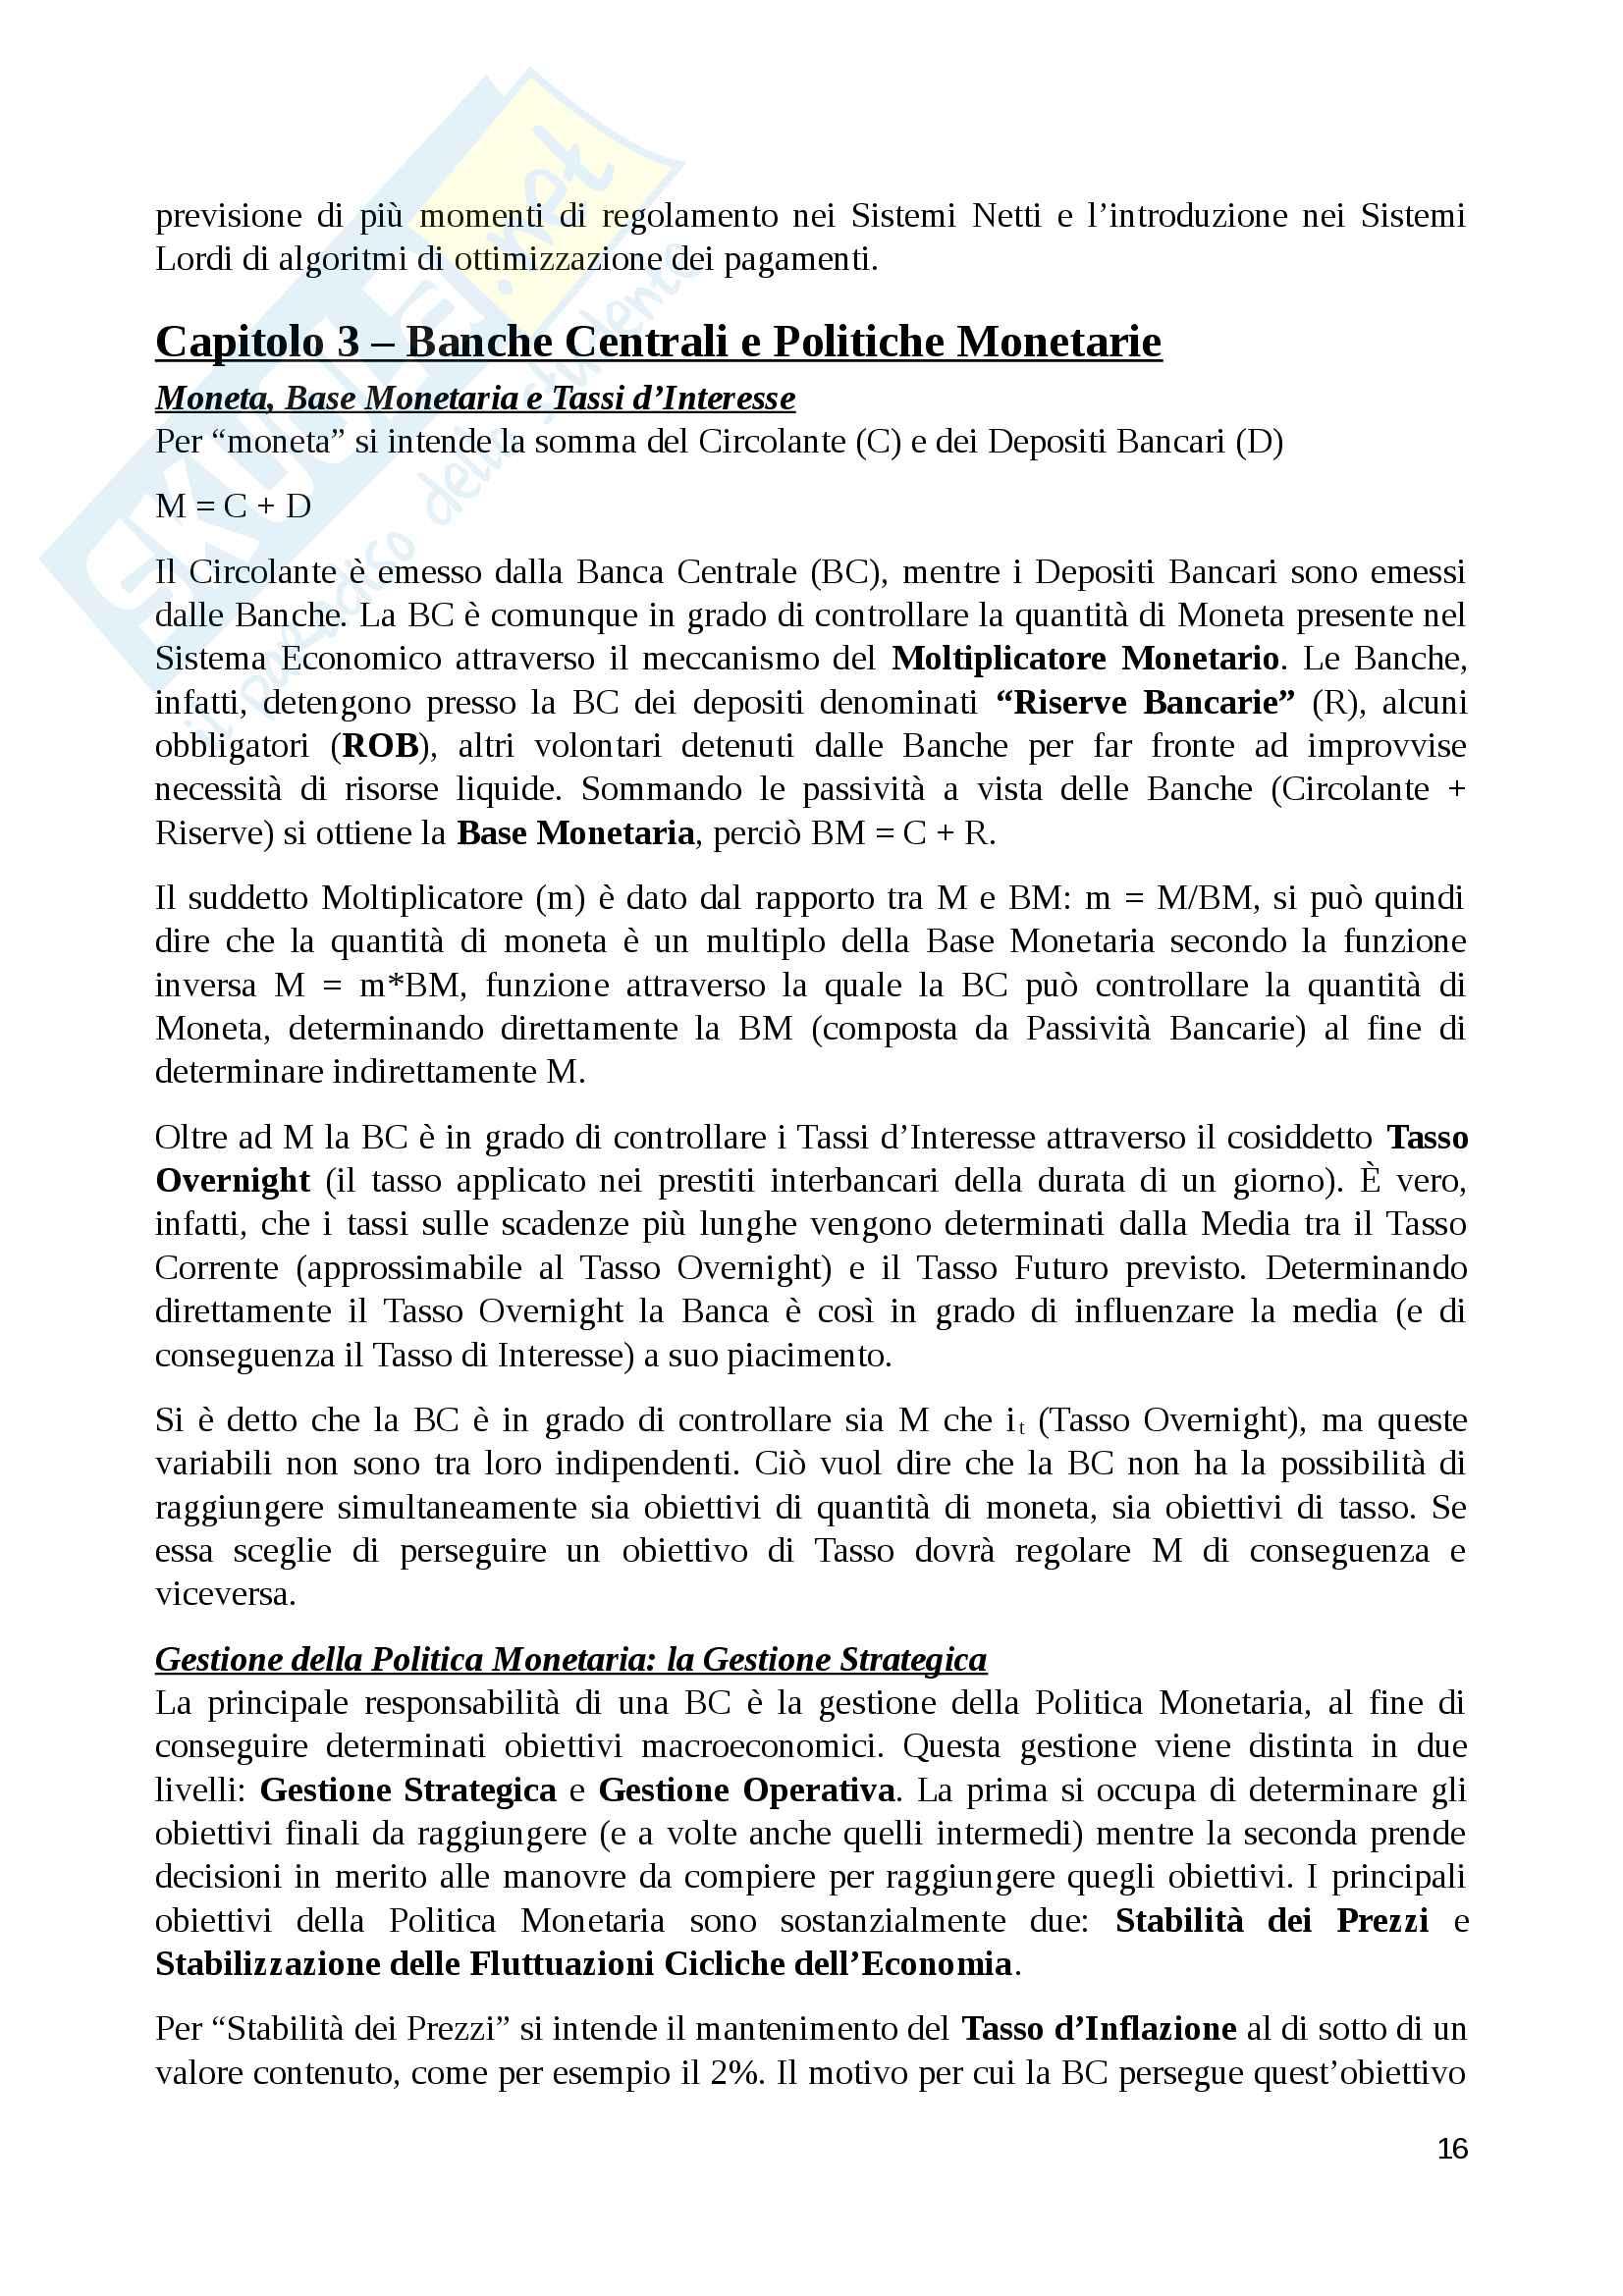 Riassunto economia degli intermediari finanziari, prof. Murè/La Torre Pag. 16